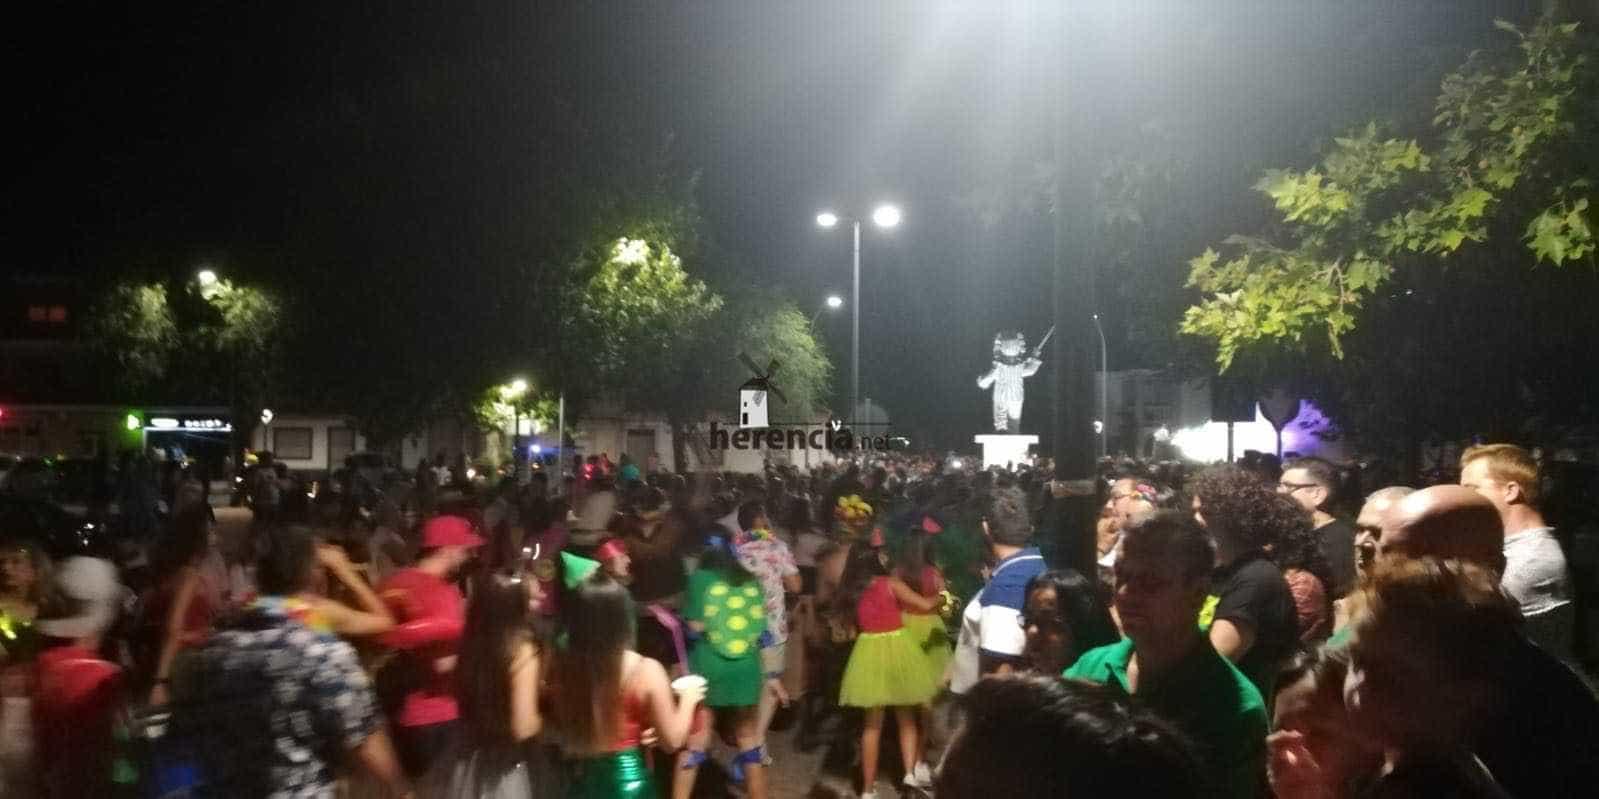 Carnaval de herencia 2019 galeria 2 - Galería de fotografías del Carnaval de Verano 2019